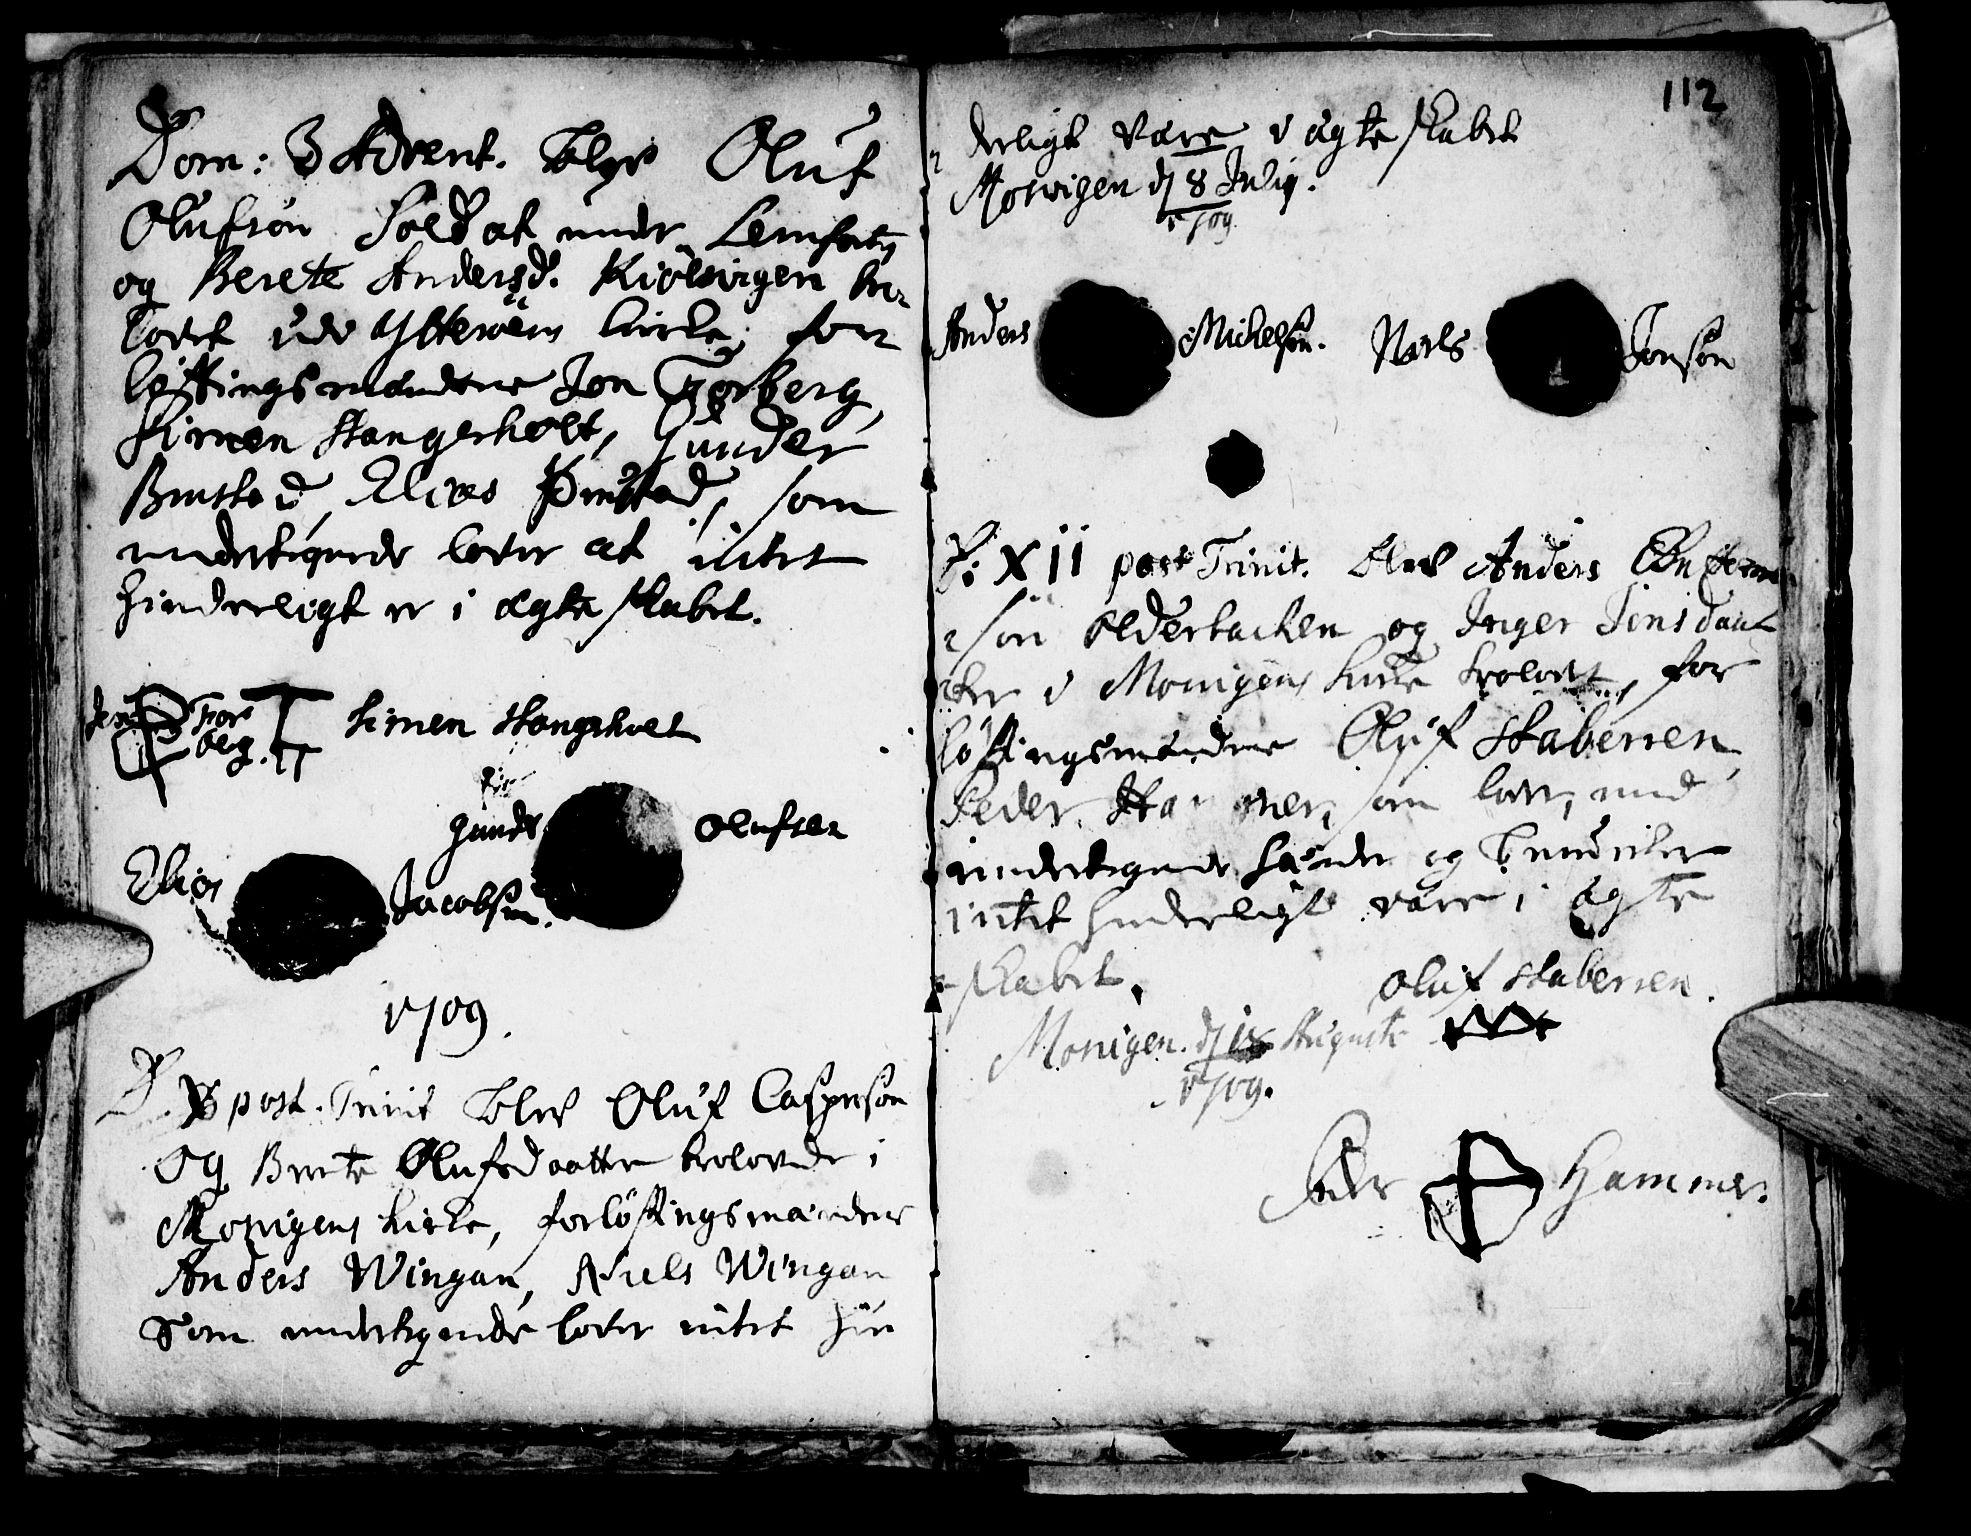 SAT, Ministerialprotokoller, klokkerbøker og fødselsregistre - Nord-Trøndelag, 722/L0214: Ministerialbok nr. 722A01, 1692-1718, s. 112